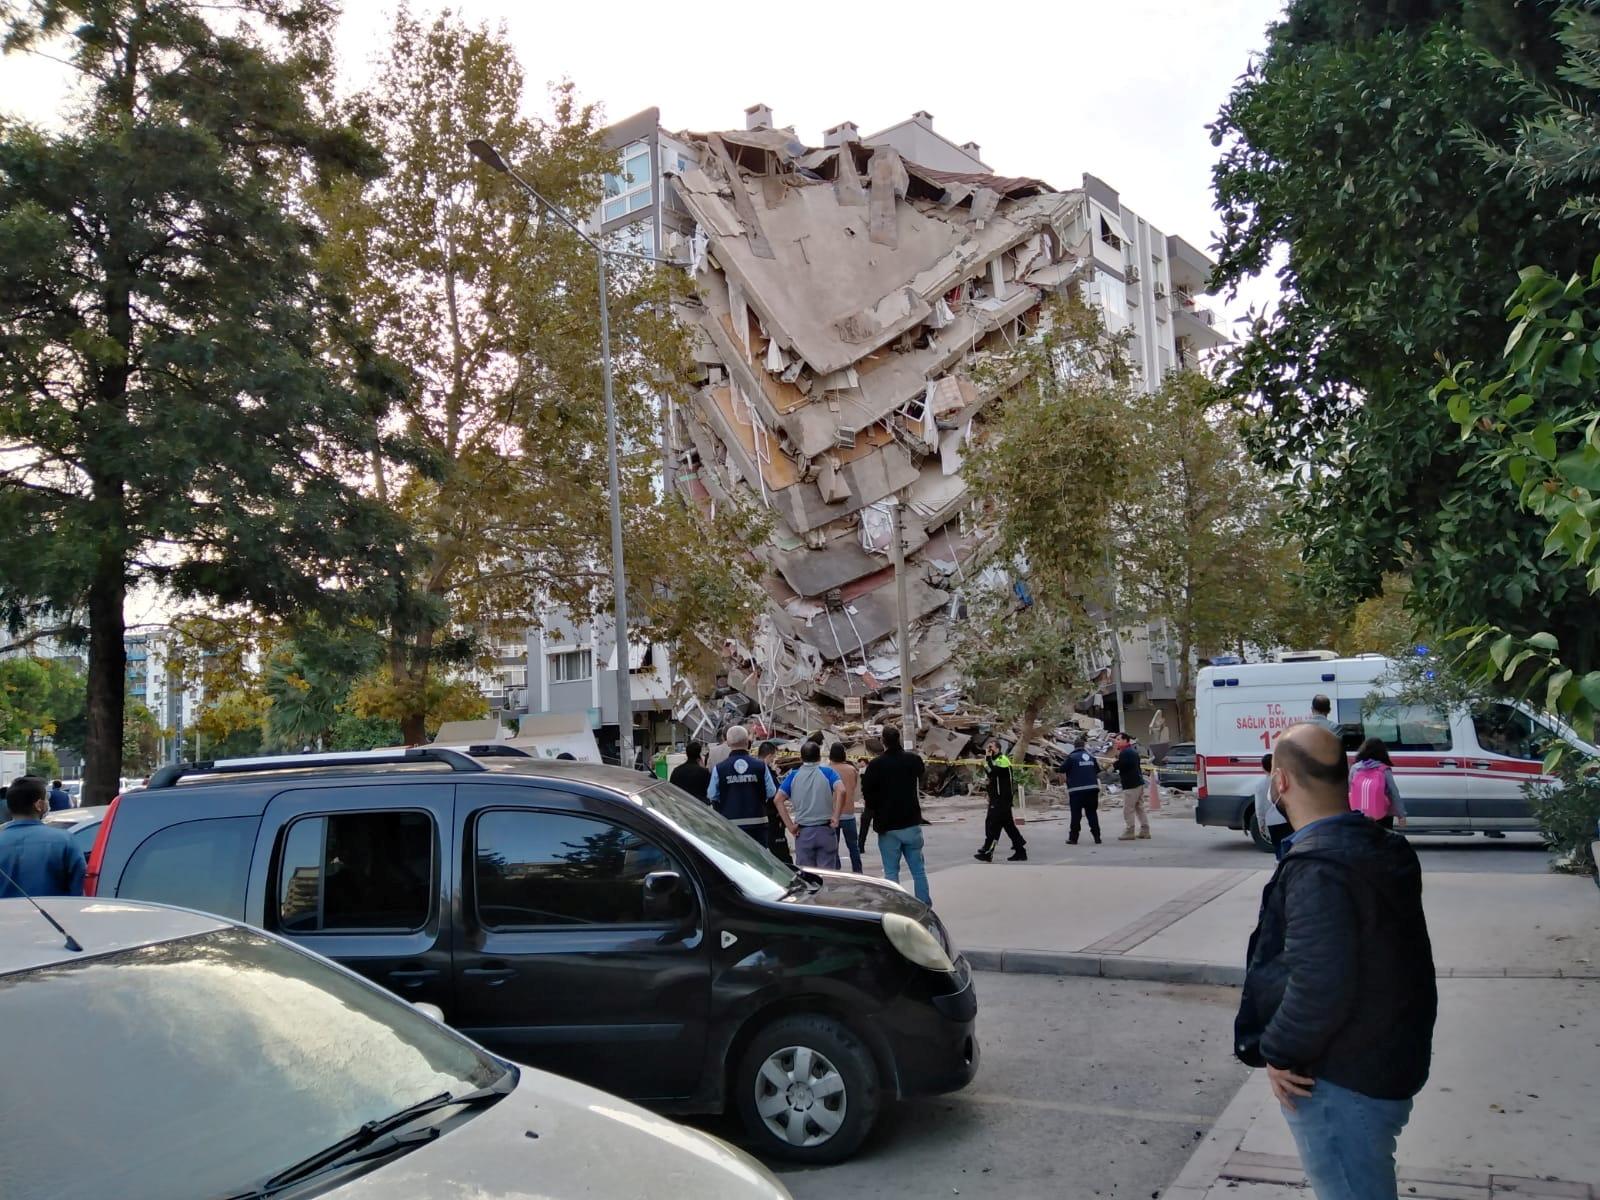 """Σεισμός στη Σάμο – Σμύρνη: """"Δεν έχουμε ξαναζήσει κάτι τέτοιο"""" – Συγκλονιστική μαρτυρία στο newsit.gr"""